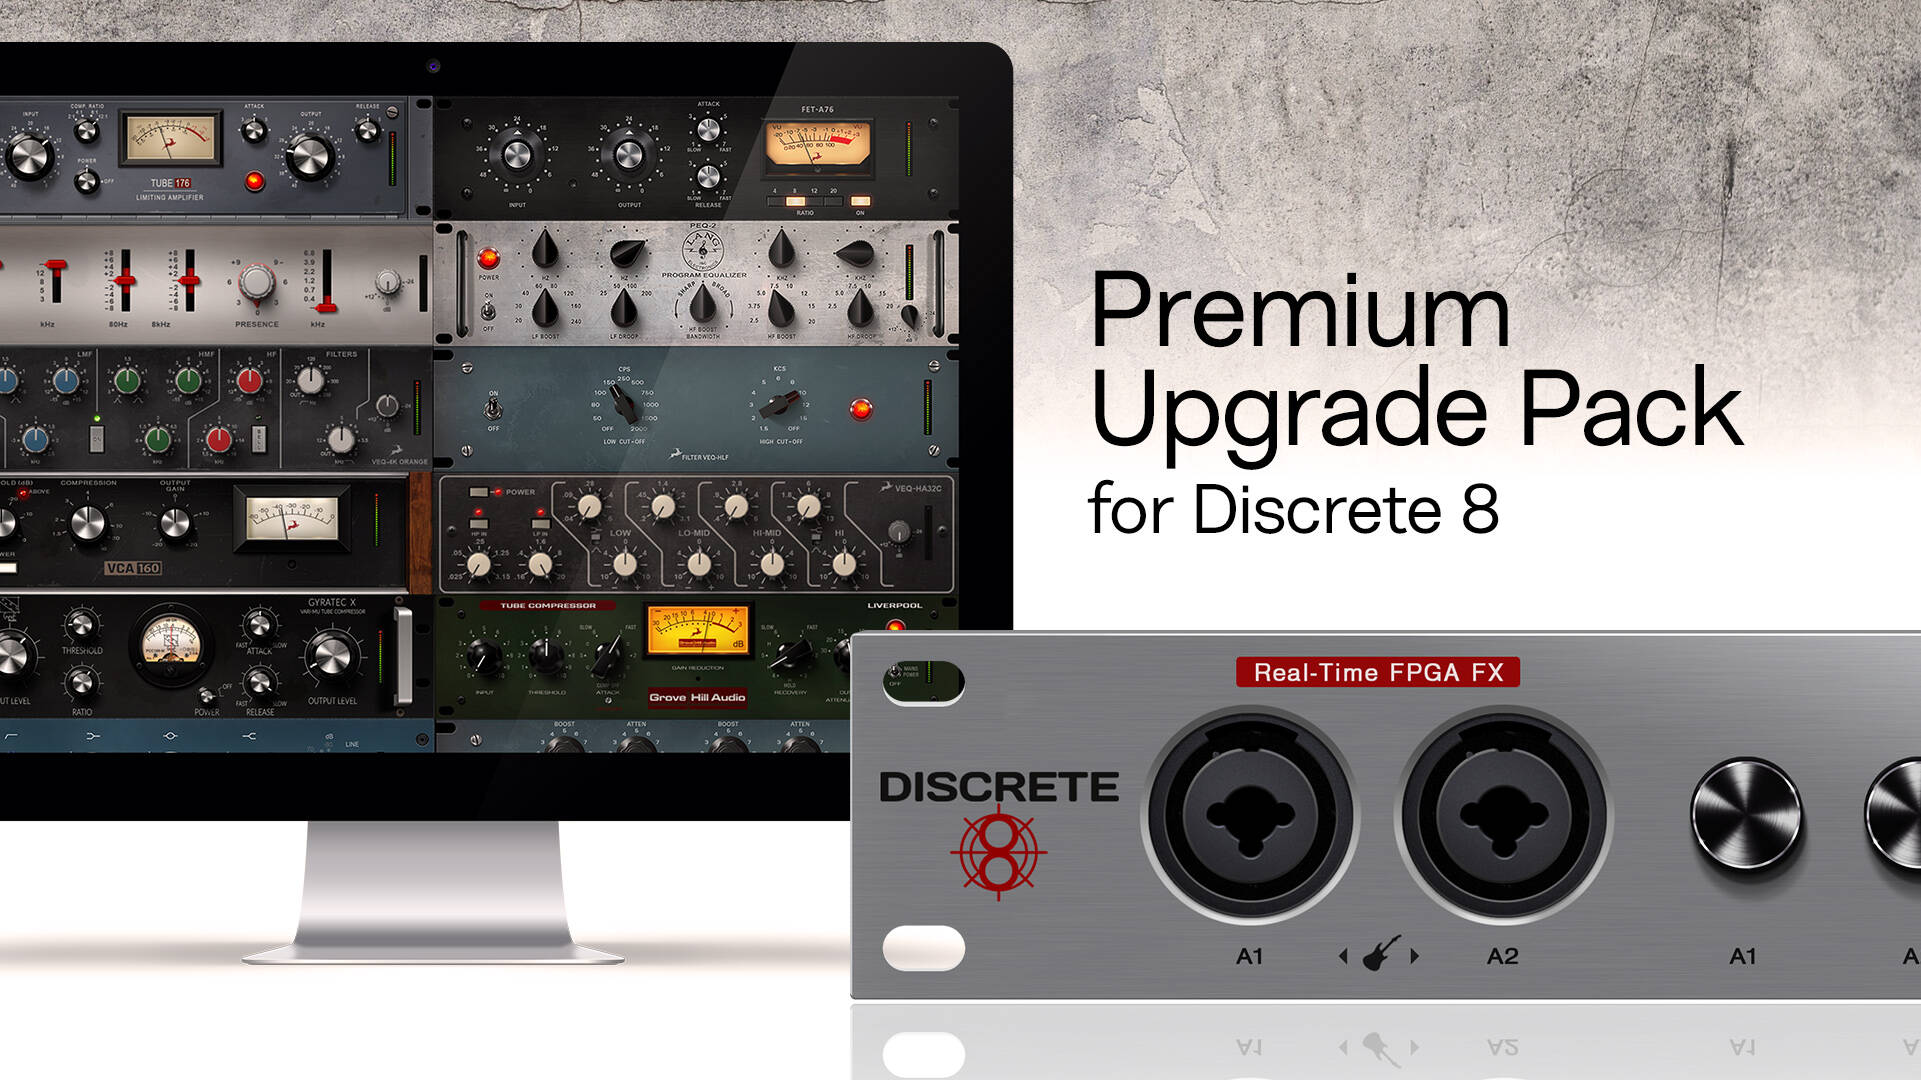 AA_Premium-Upgrade-Pack_D8_01